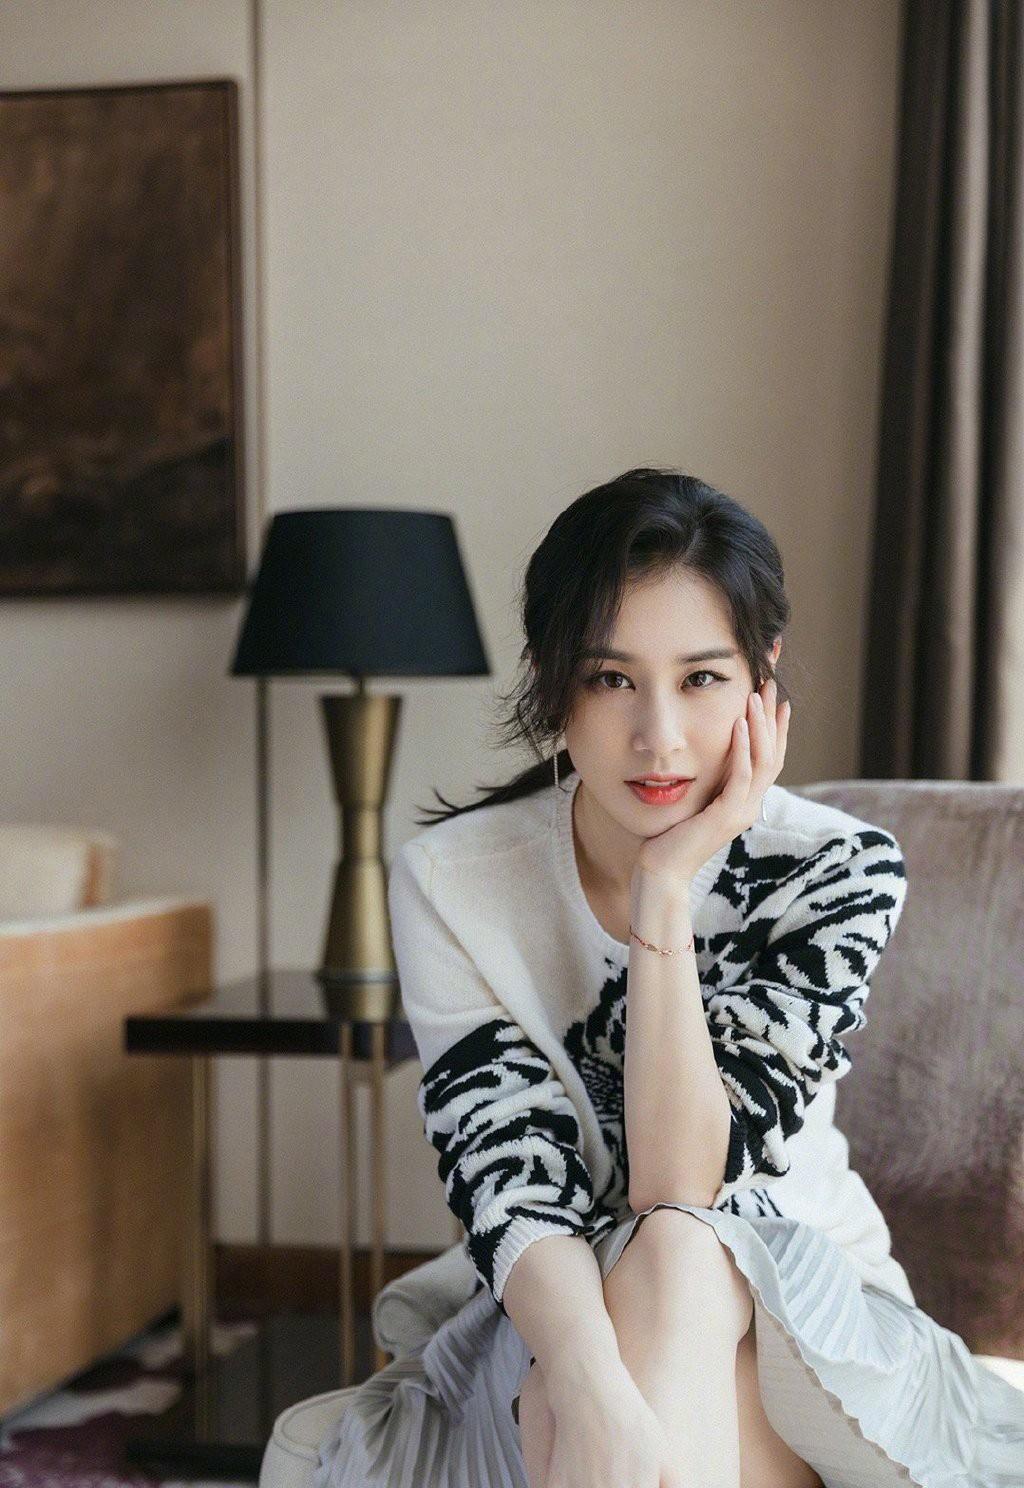 36岁的黄圣依也太少女了,穿针织衫配百褶裙,皮肤白皙娇嫩吸睛